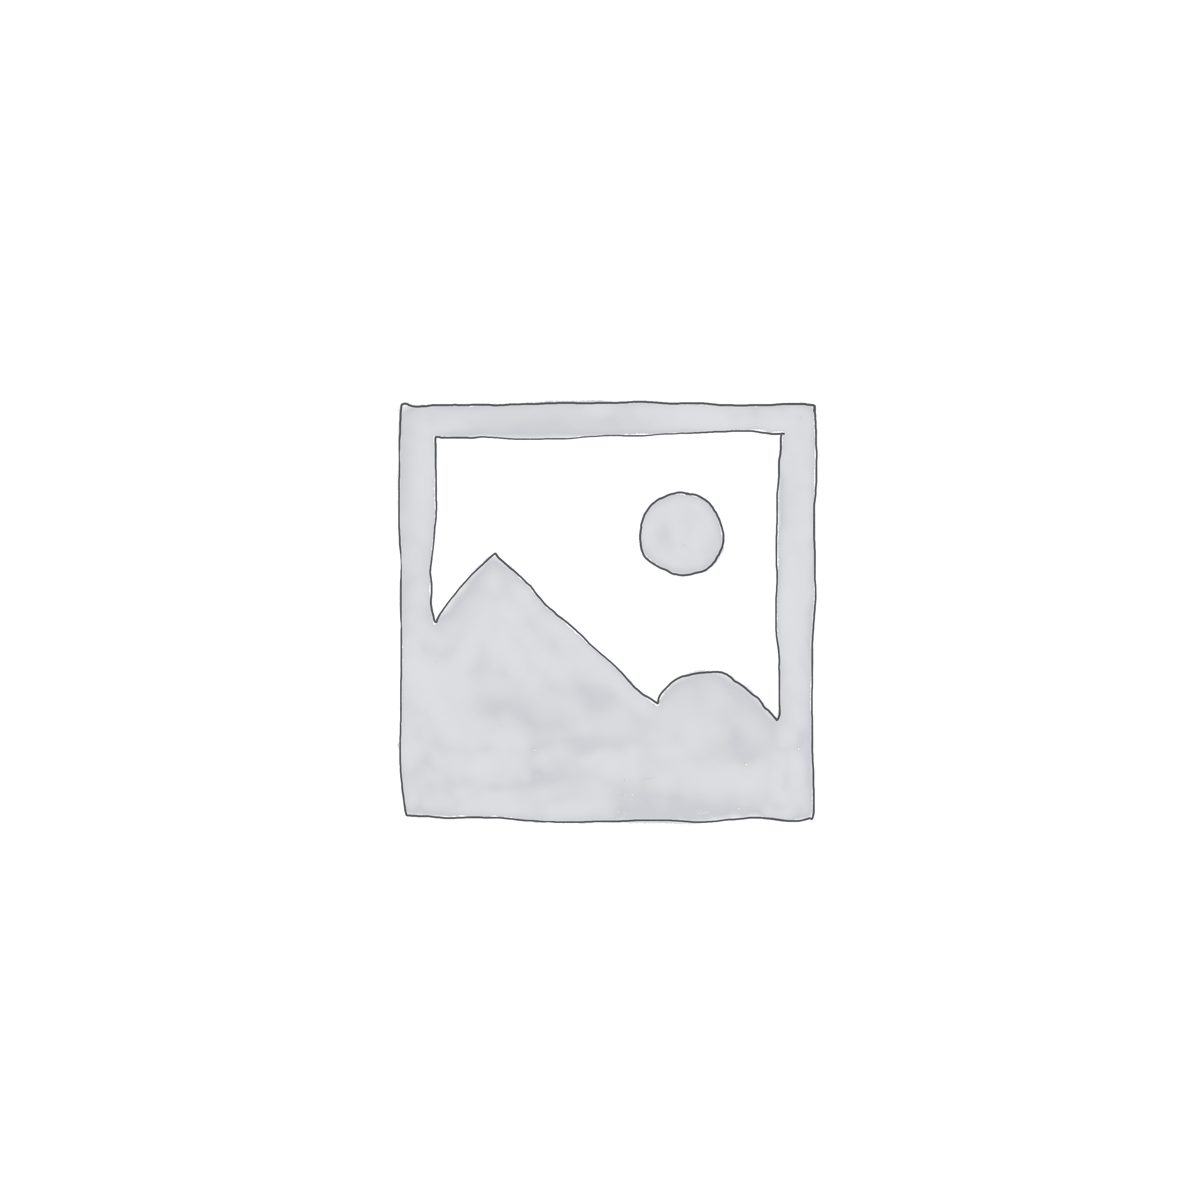 Szinesceruza Keszlet Hatszogletu 12 Szin Bluering I12456.jpg